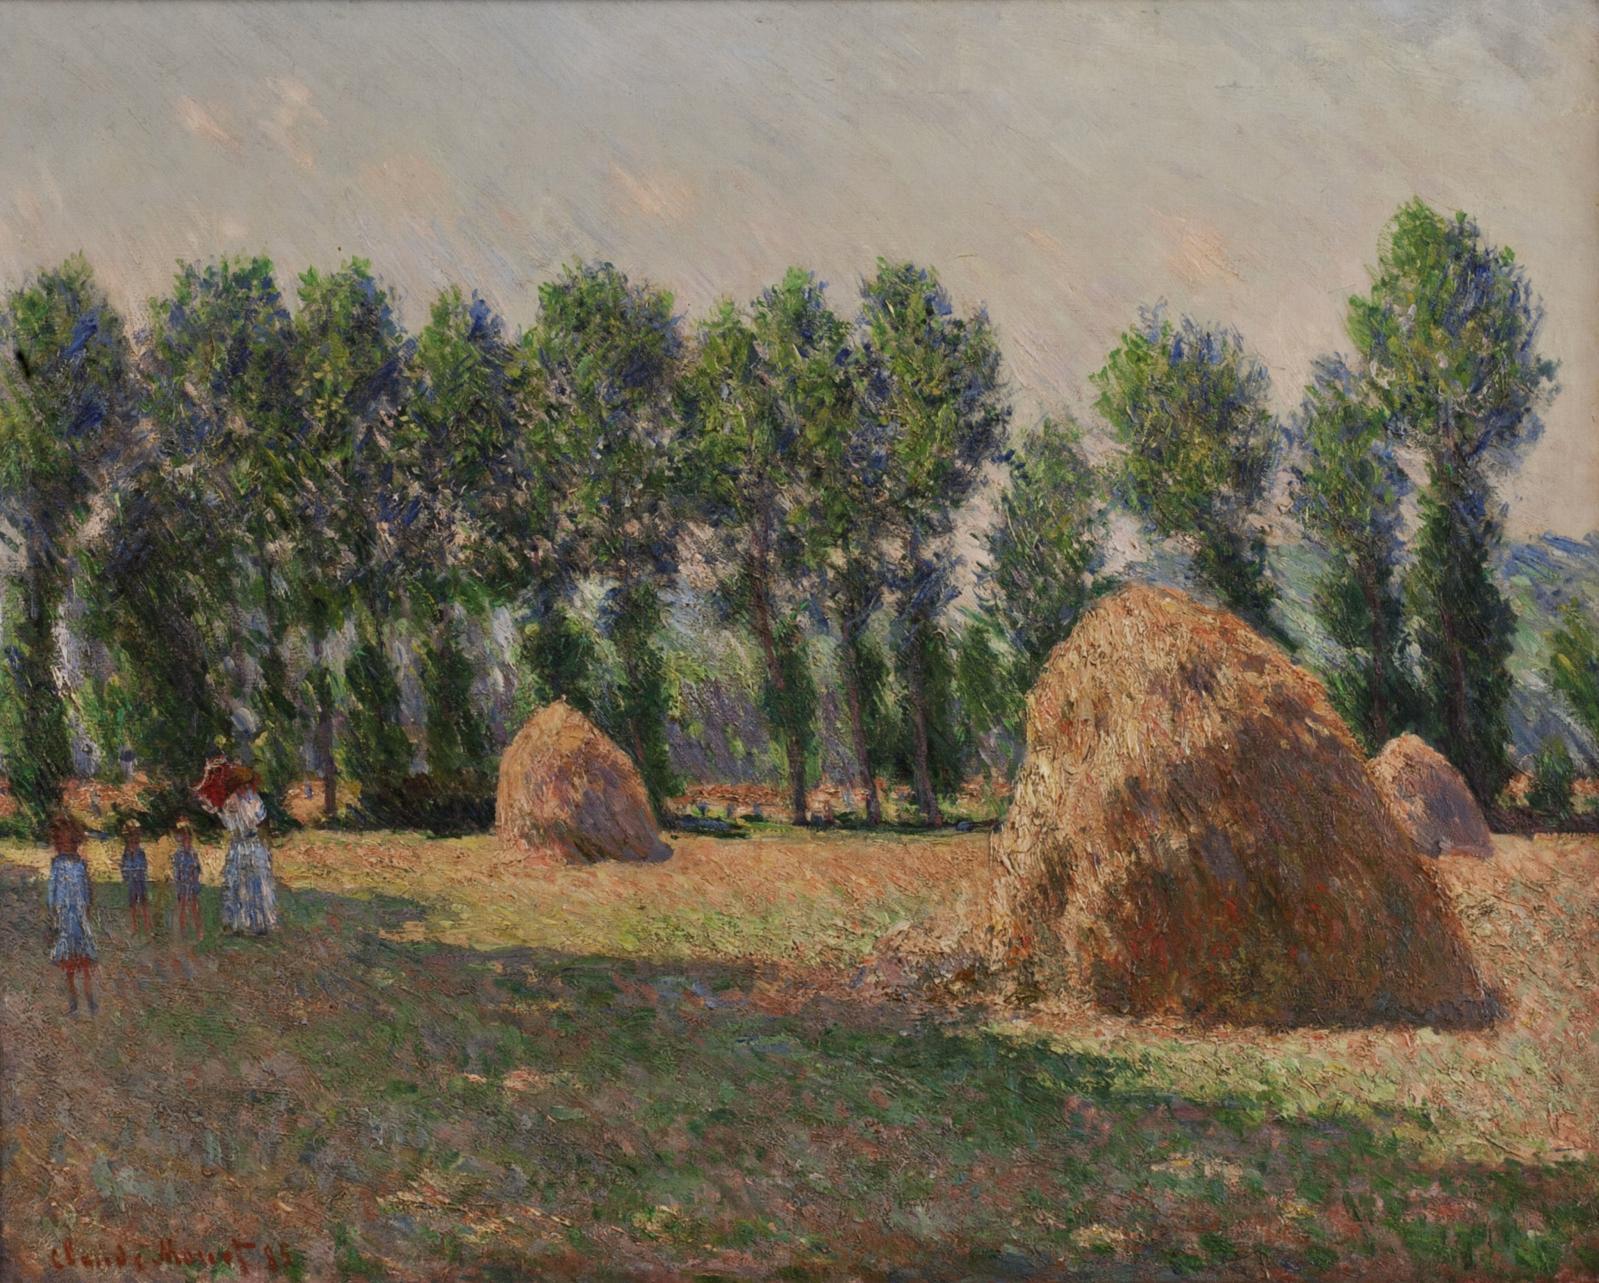 page de gauche Claude Monet (1840-1926), Les Meules à Giverny, 64.9x81.1cm, 1885. Vendu par l'intermédiaire de Thomas Seydoux chez Christie's, à Ne